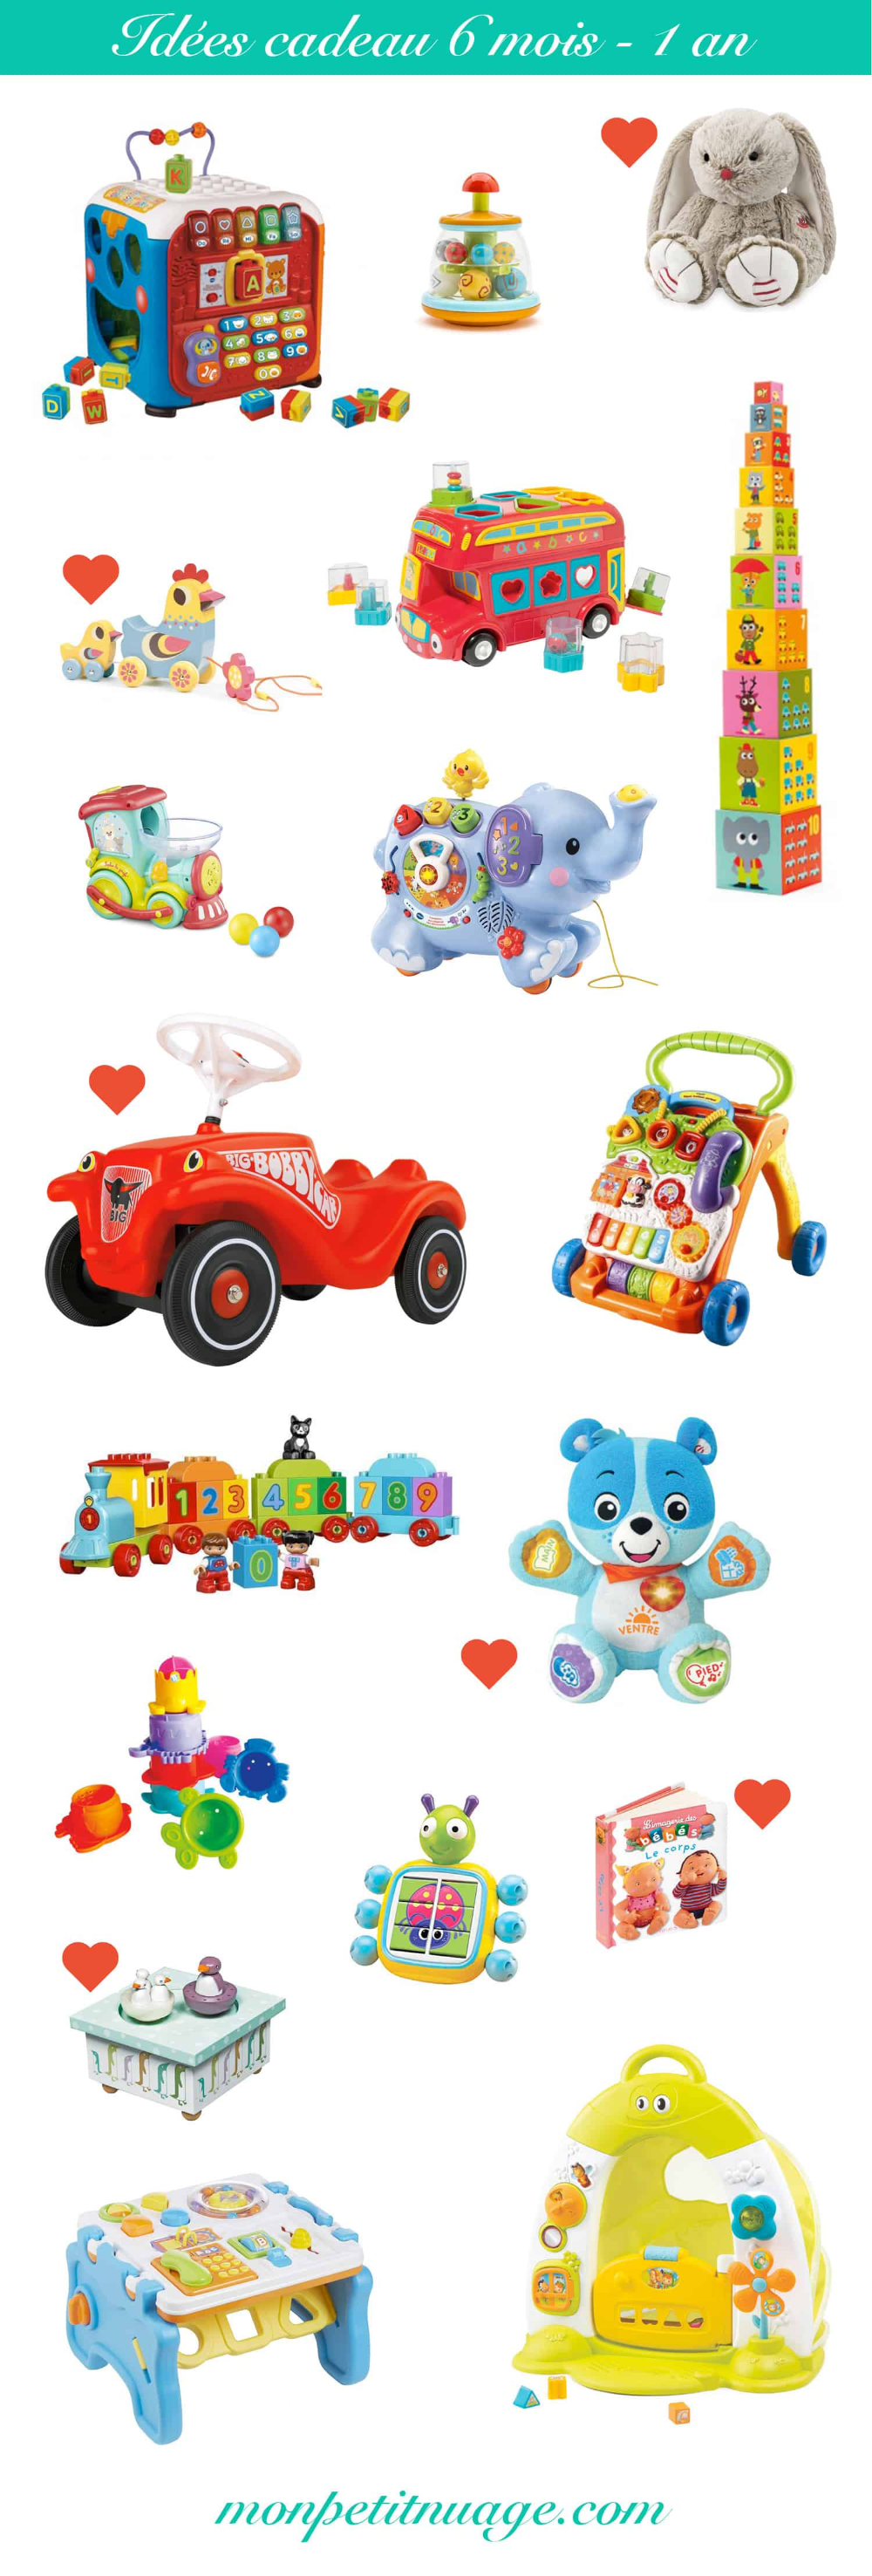 Idée Cadeau 1 An Fille Cadeau Anniversaire 1 An Fille Fresh Idées Cadeaux Bébé & Enfant 6